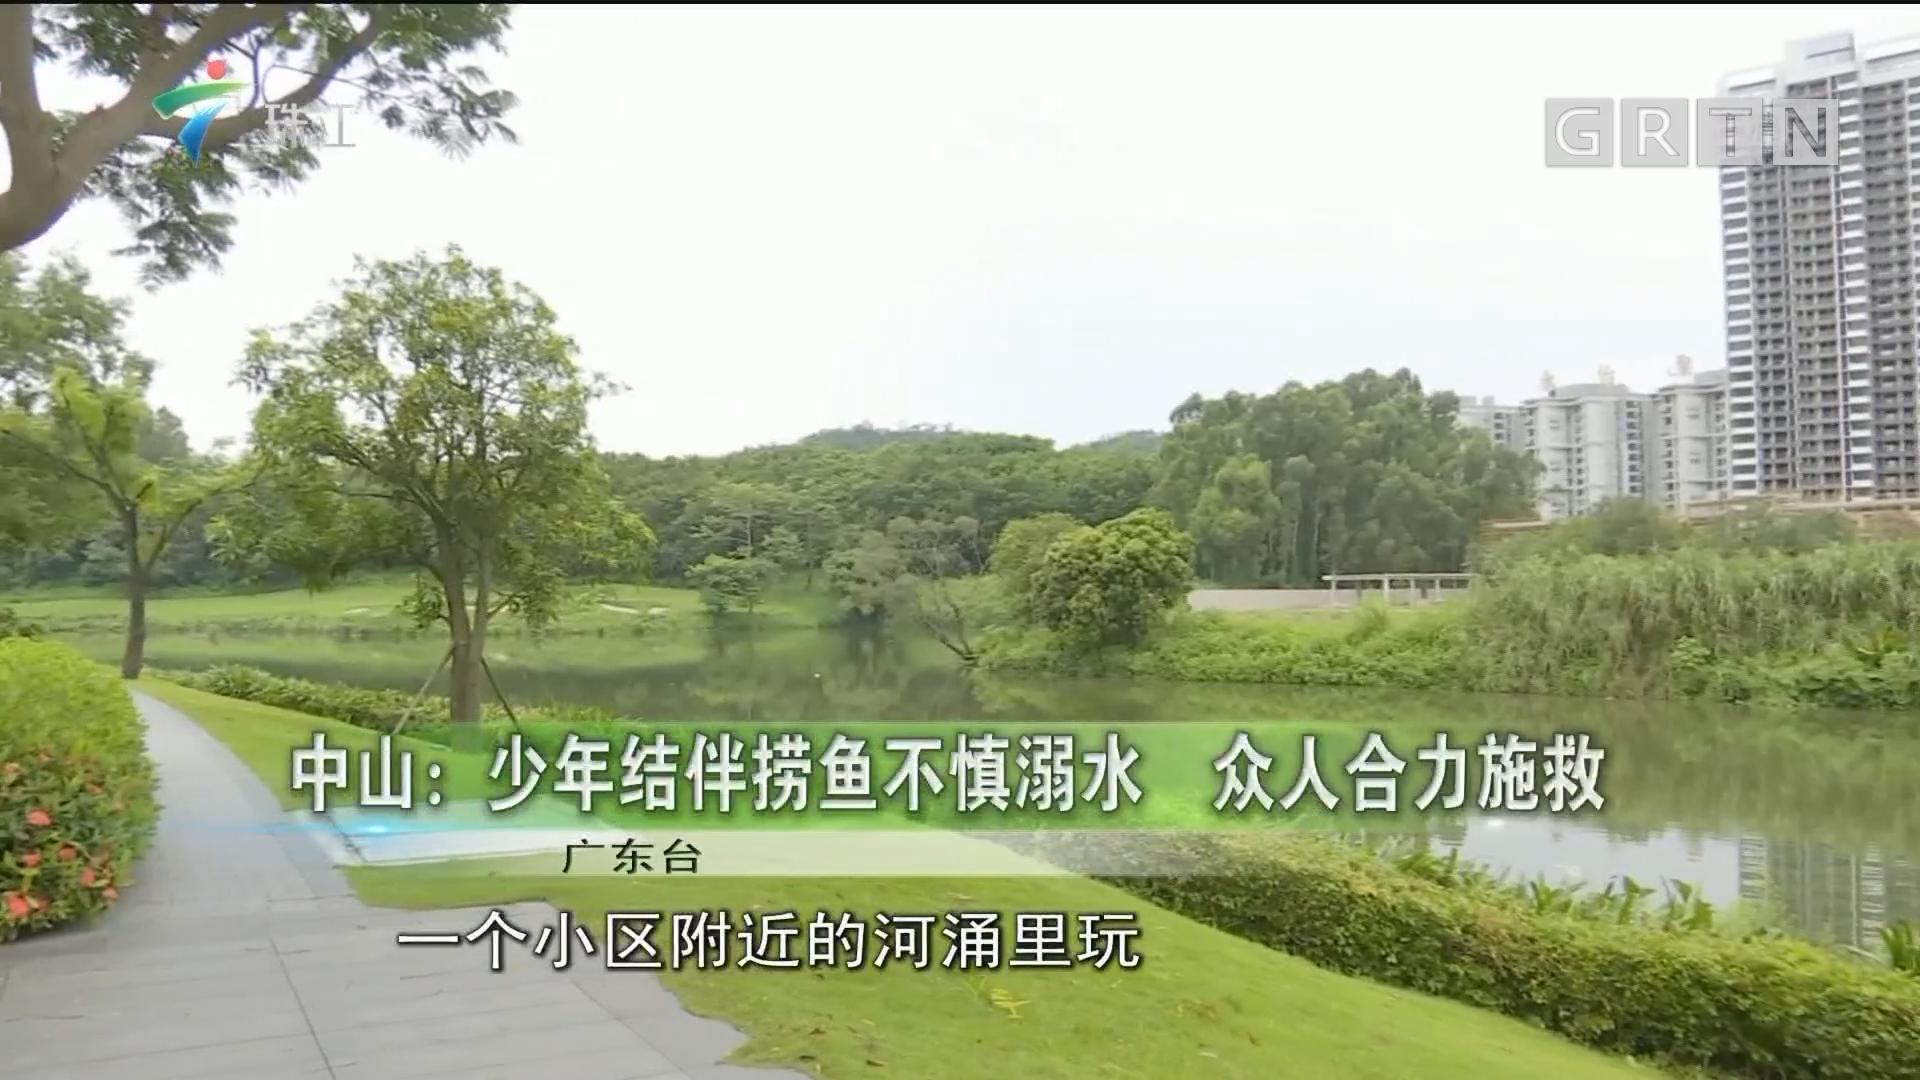 中山:少年结伴捞鱼不慎溺水 众人合力施救